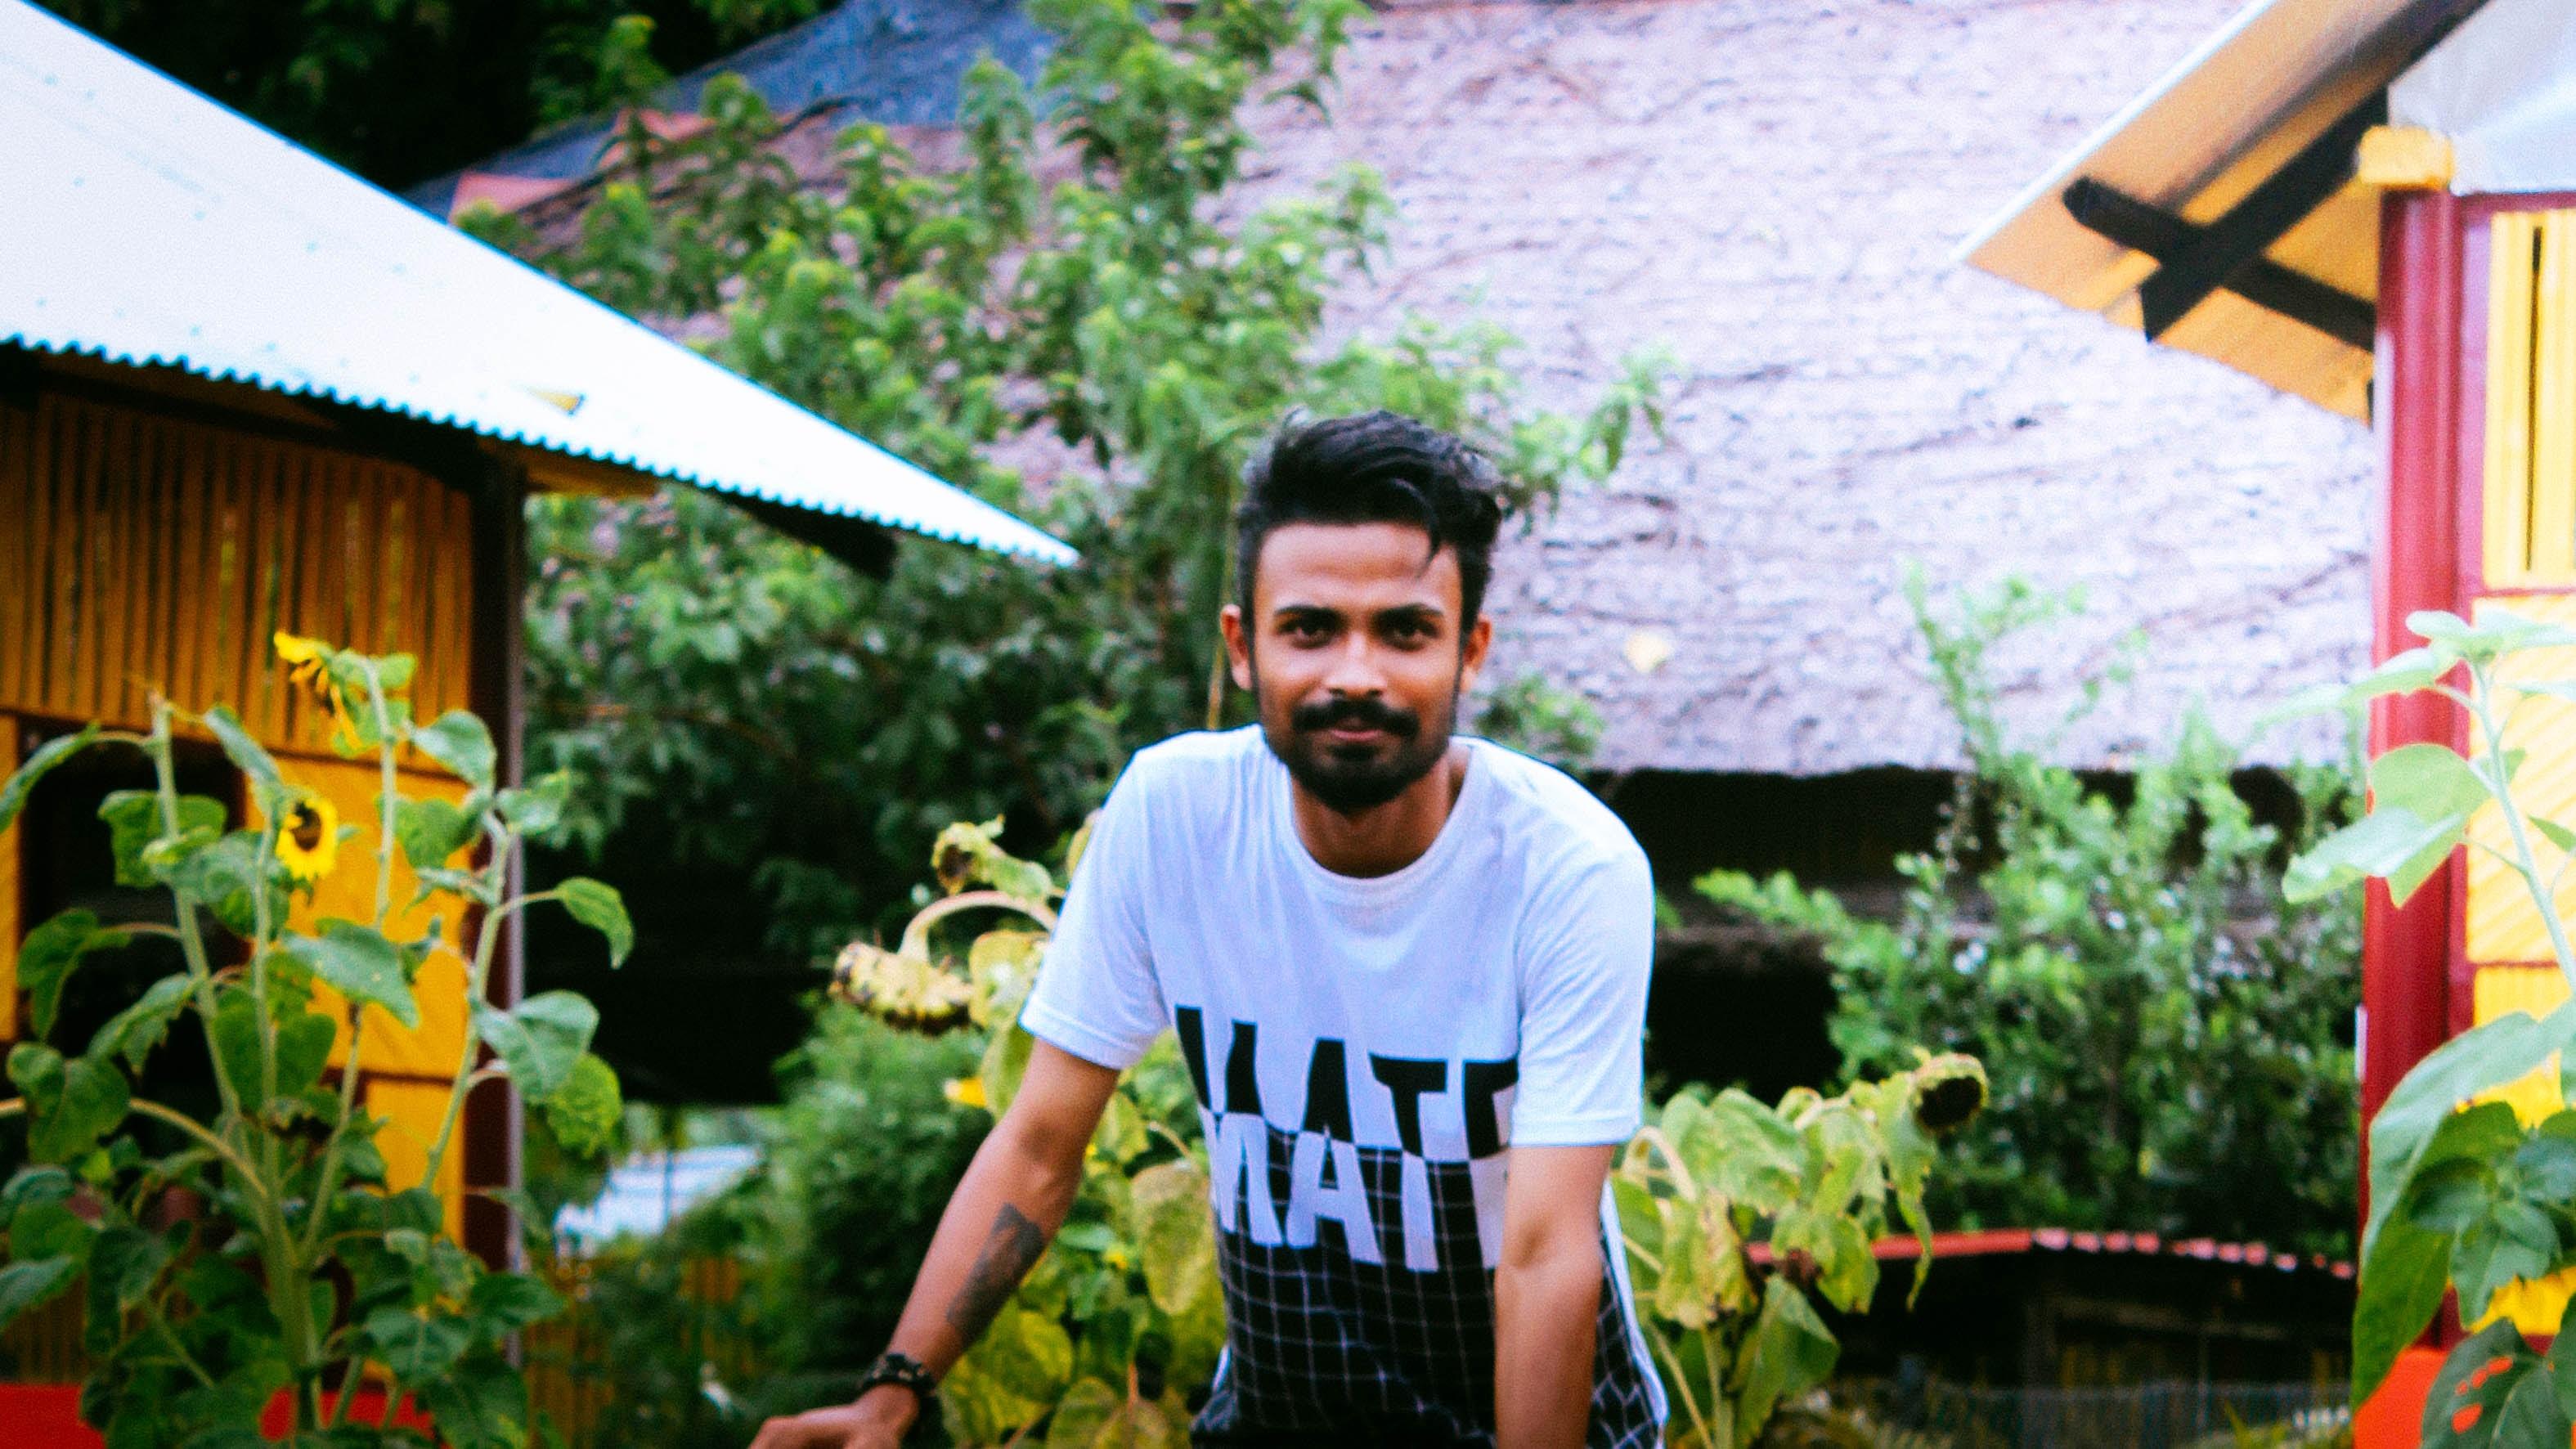 Go to Nilotpal Kalita's profile